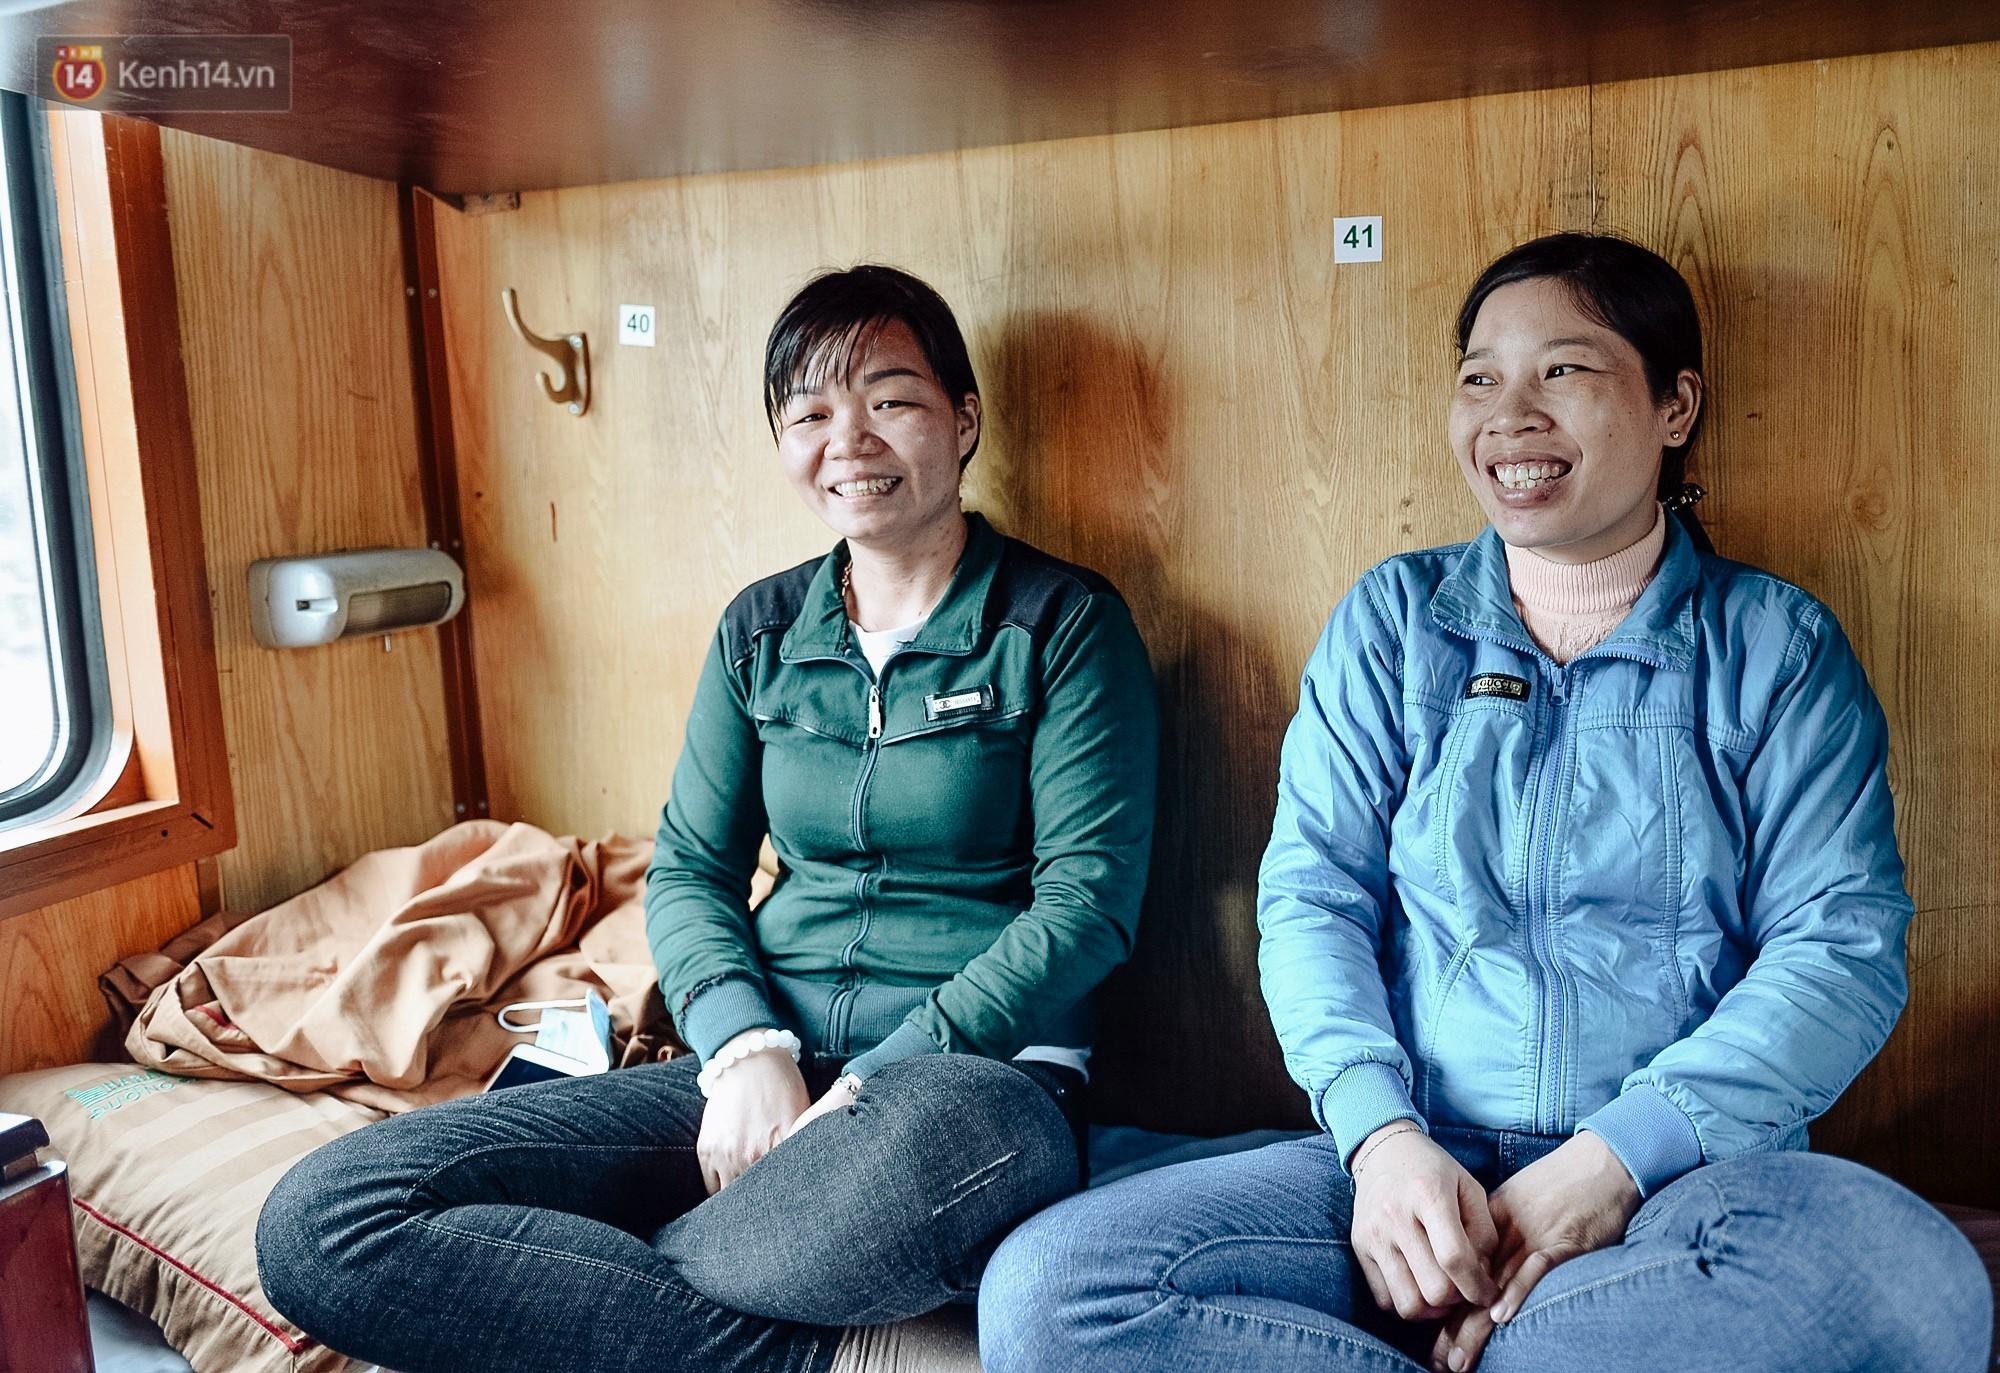 Chuyến tàu mùa xuân chở công nhân nghèo dọc đường đất nước về đến ga Hà Nội và những khoảnh khắc đoàn tụ đầy xúc động - Ảnh 2.